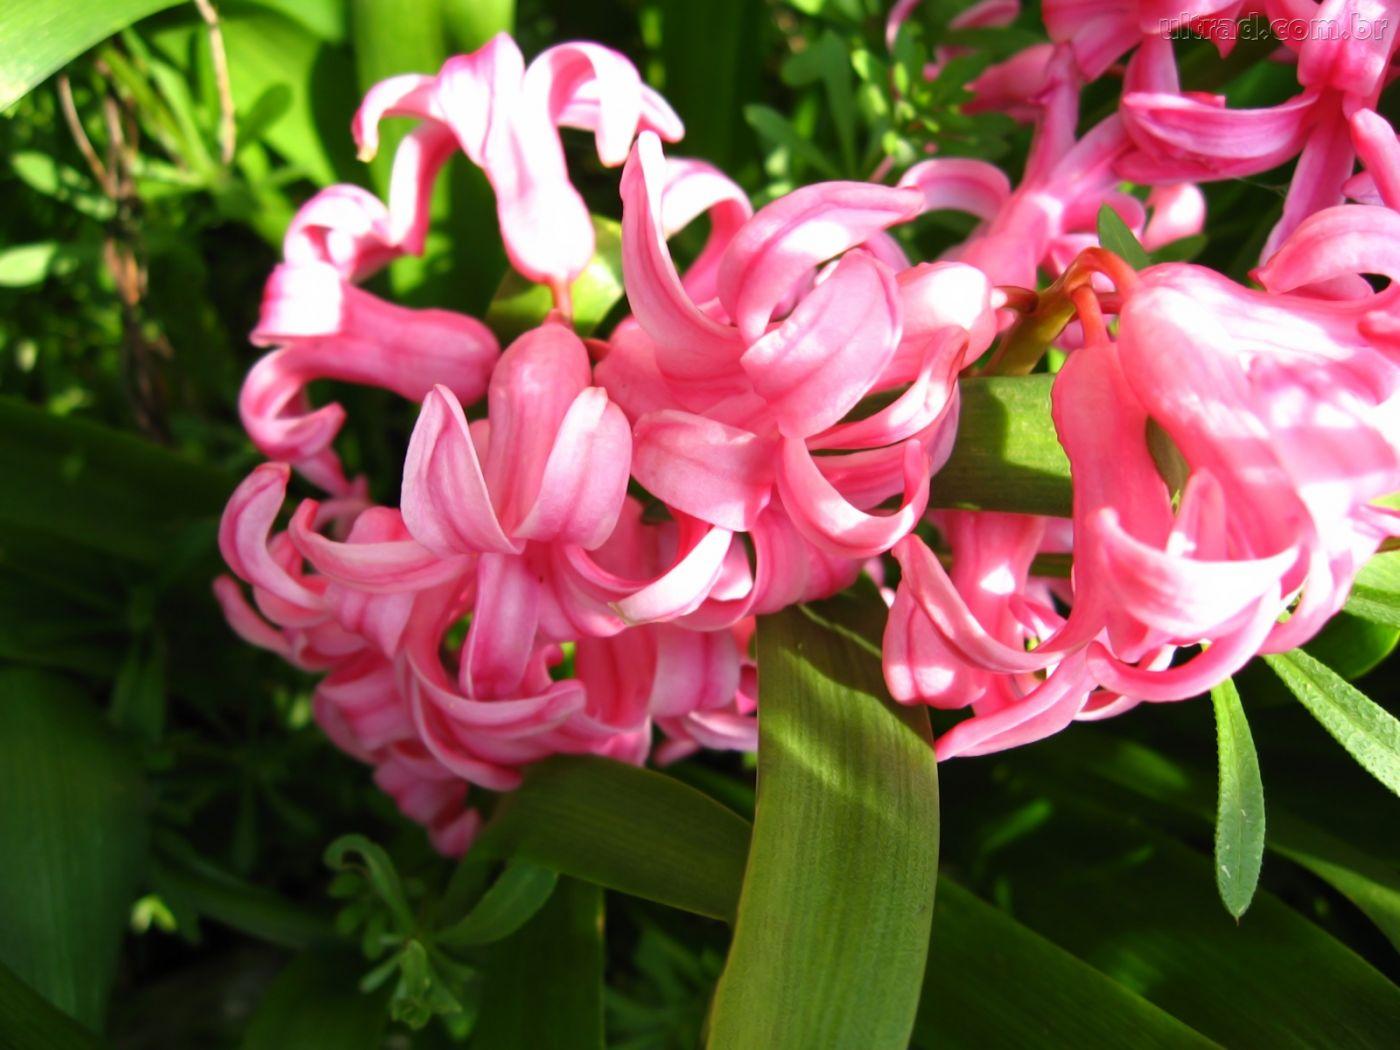 fondo-de-pantalla-flores-1